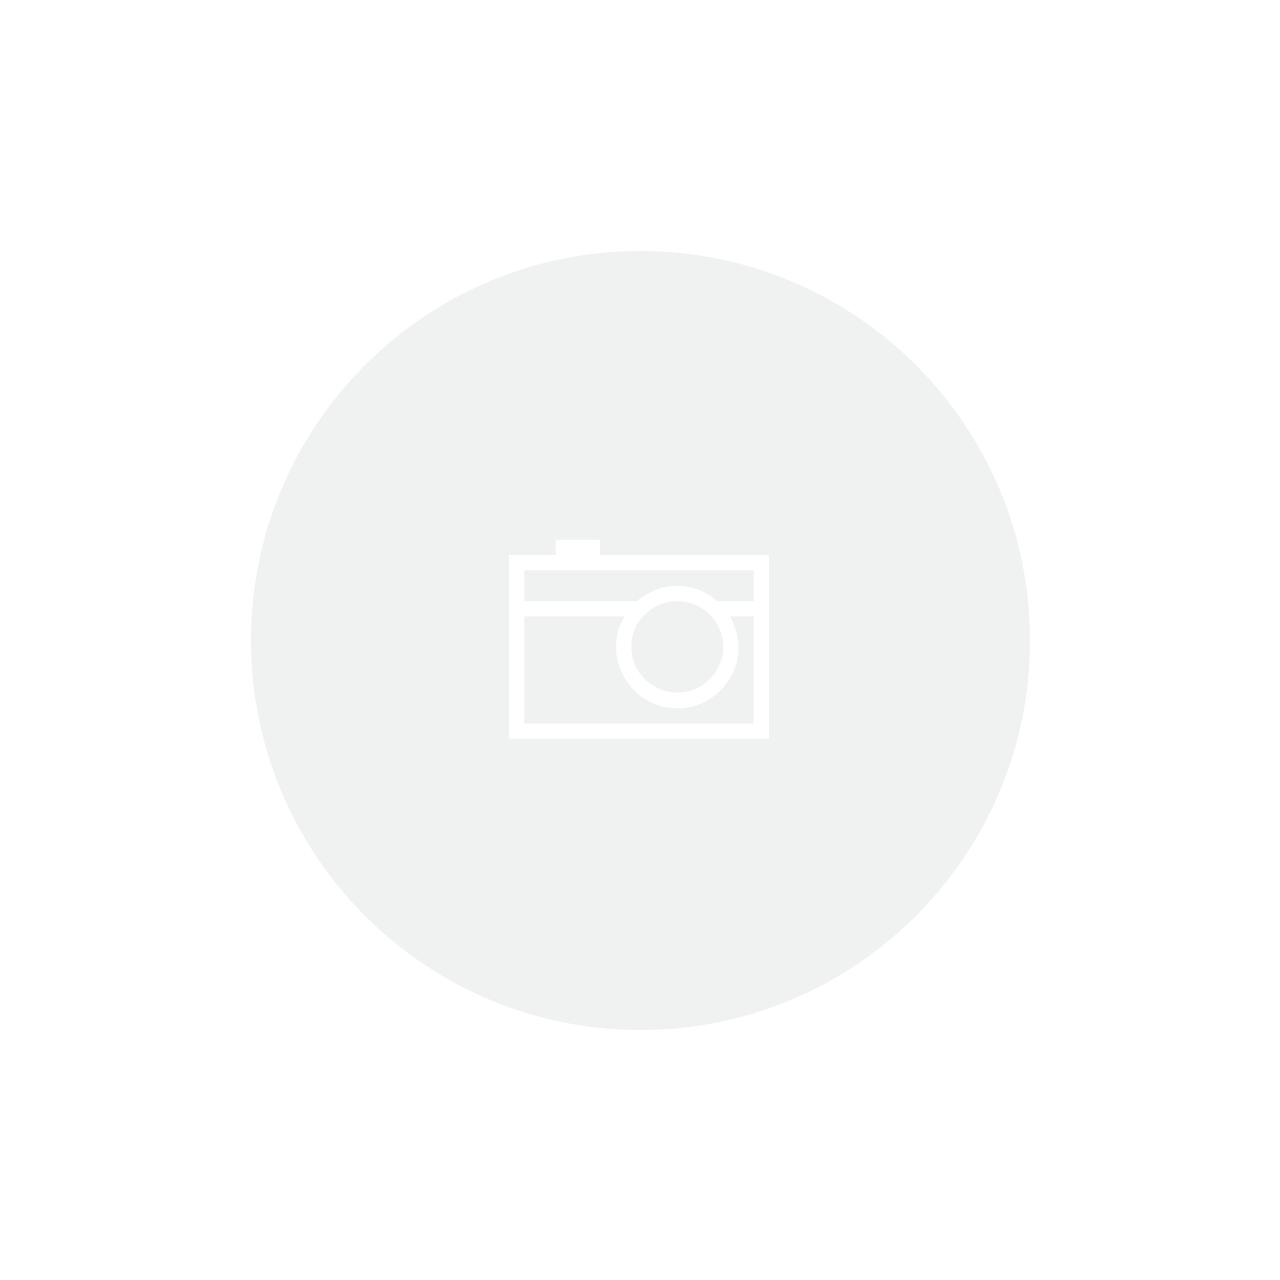 Abajur Branco 110v 220v